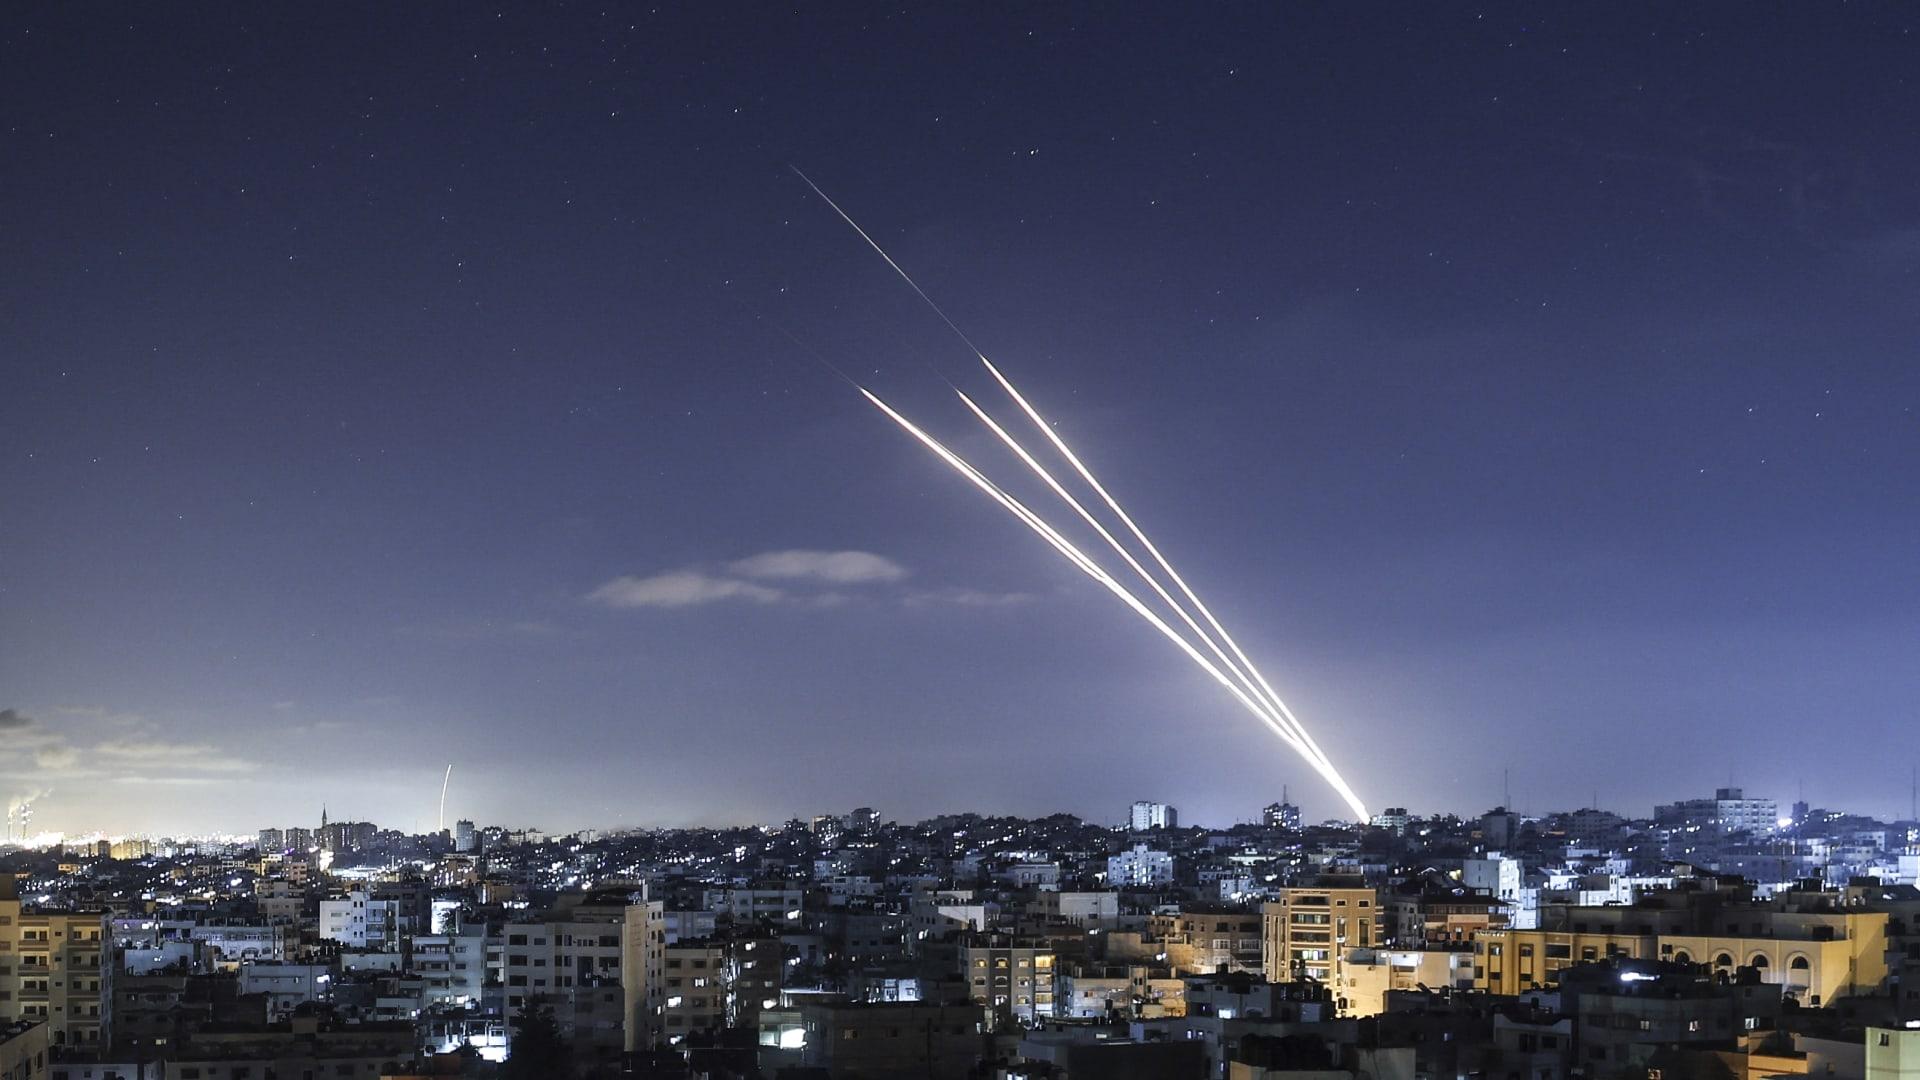 إطلاق صواريخ باتجاه إسرائيل من مدينة غزة في 18 مايو 2021.